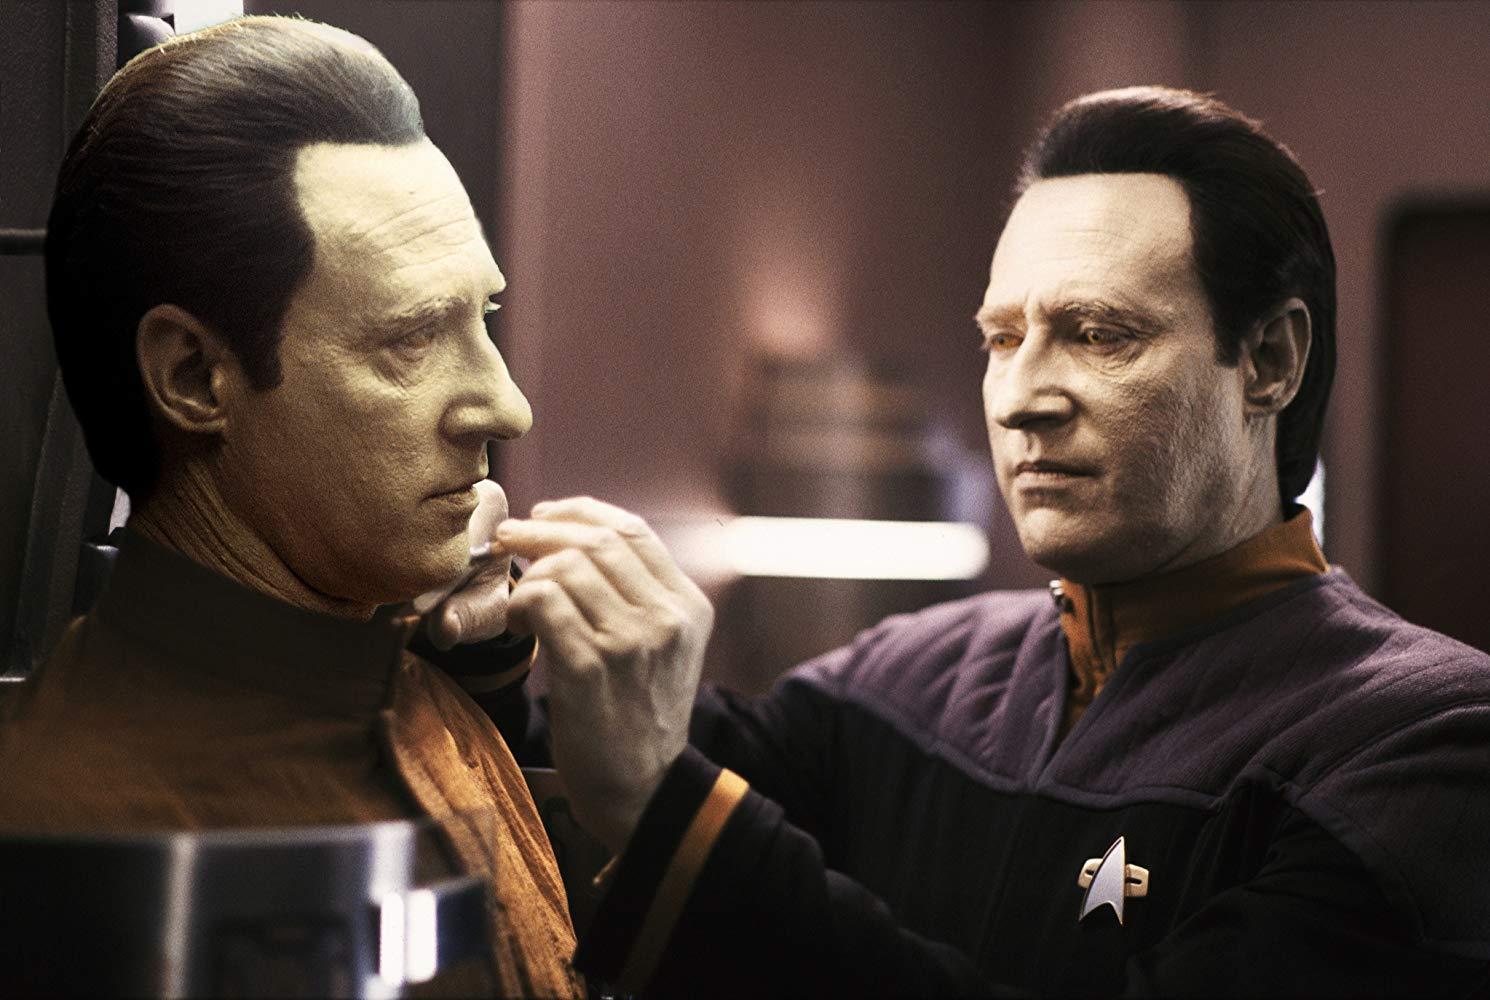 Data and the B-4 (Brent Spiner) in Star Trek: Nemesis (2002)